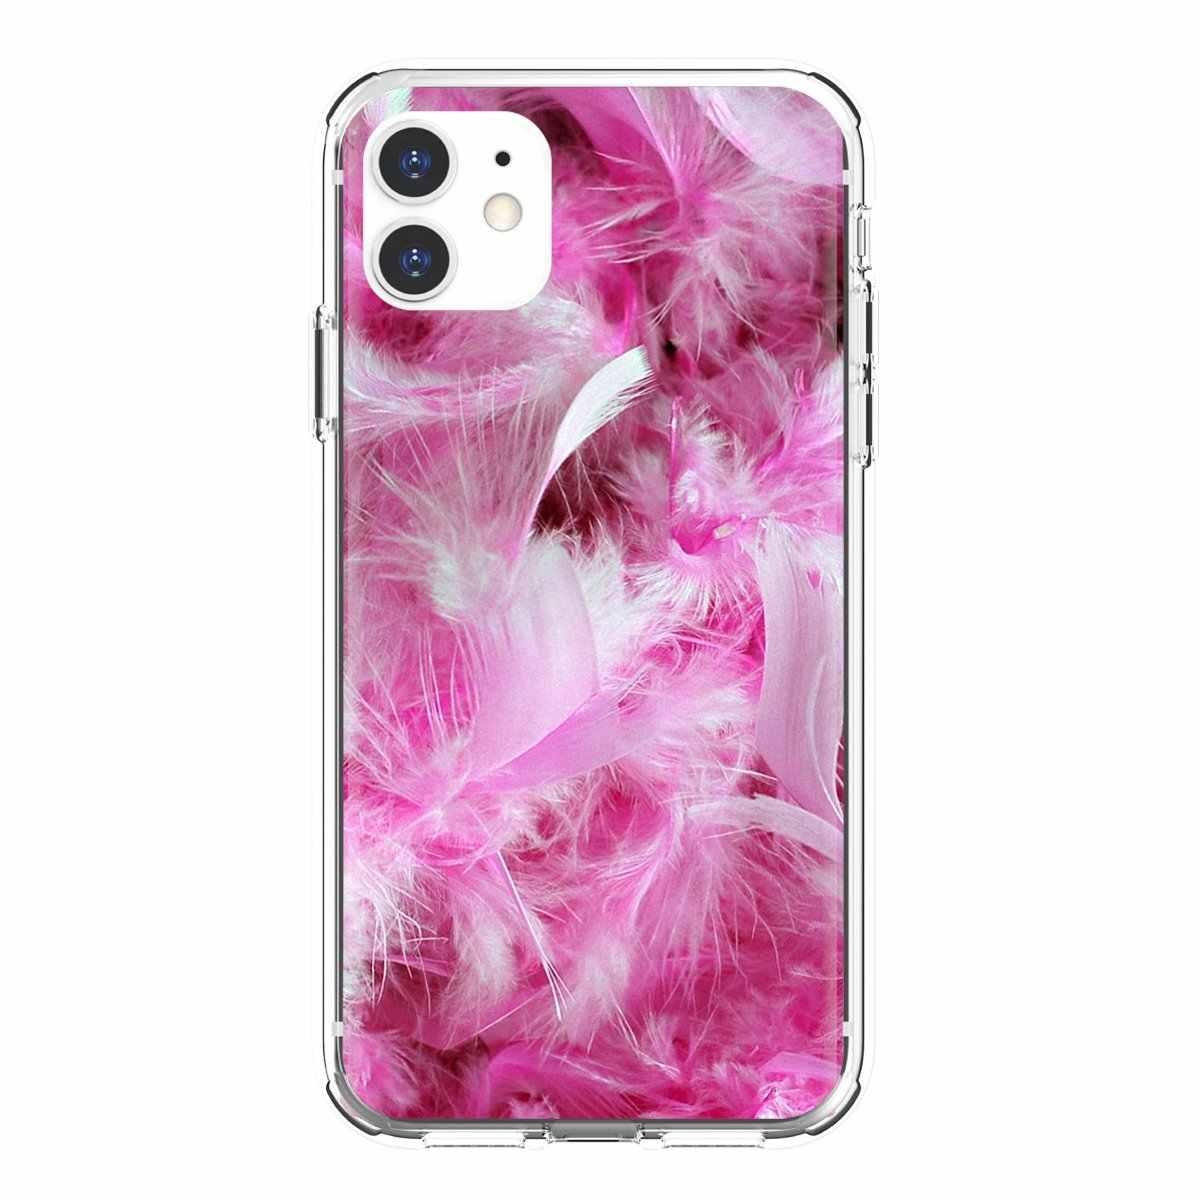 Ốp Điện Thoại Da Dành Cho Samsung Galaxy Note 2 3 4 5 8 9 S2 S3 S4 S5 Mini S6 s7 Edge S8 S9 Plus Lông Tơ Lông Màu Hồng In Ngọt Ngào